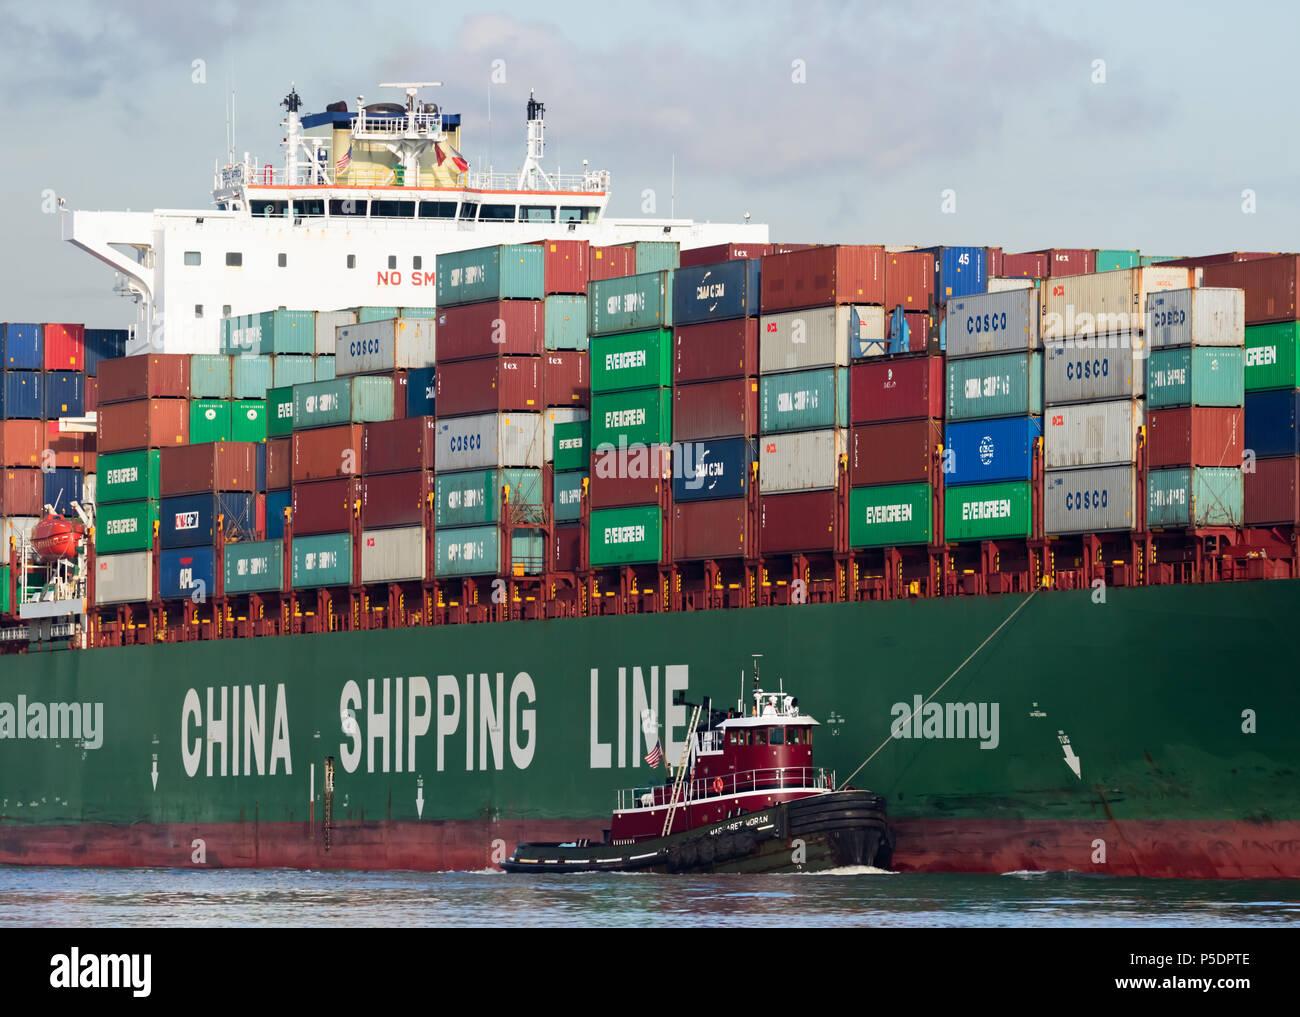 China Reederei CSCL-Afrika mit einem von Margaret Moran; New York Hafen unterstützen. Stockfoto